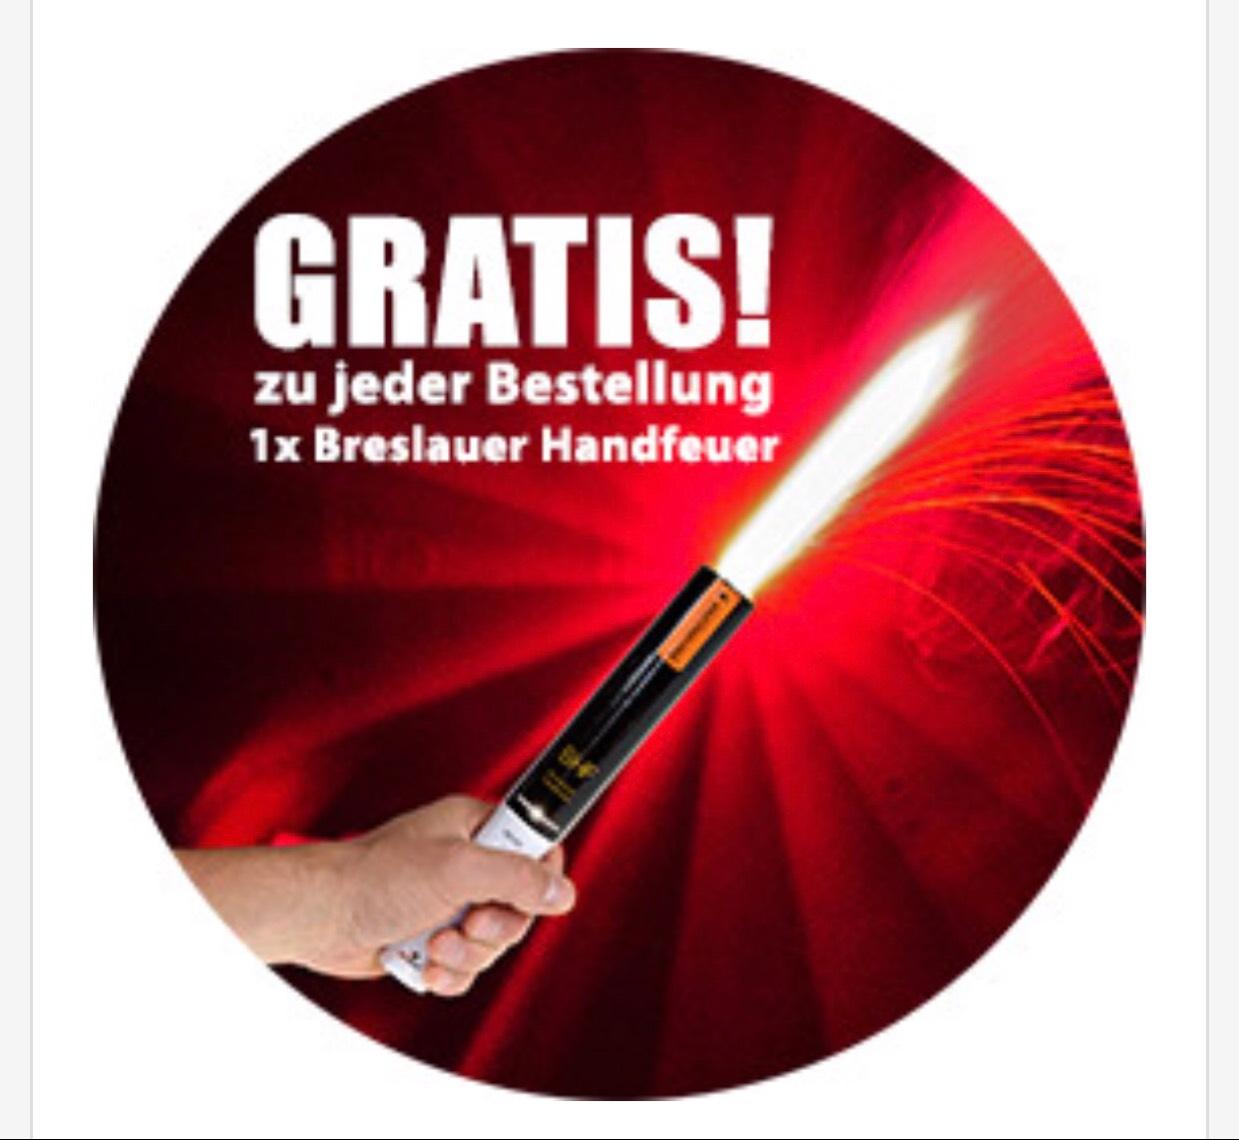 Gutscheinfehler bei pyroland - Breslauer Handfeuer gratis